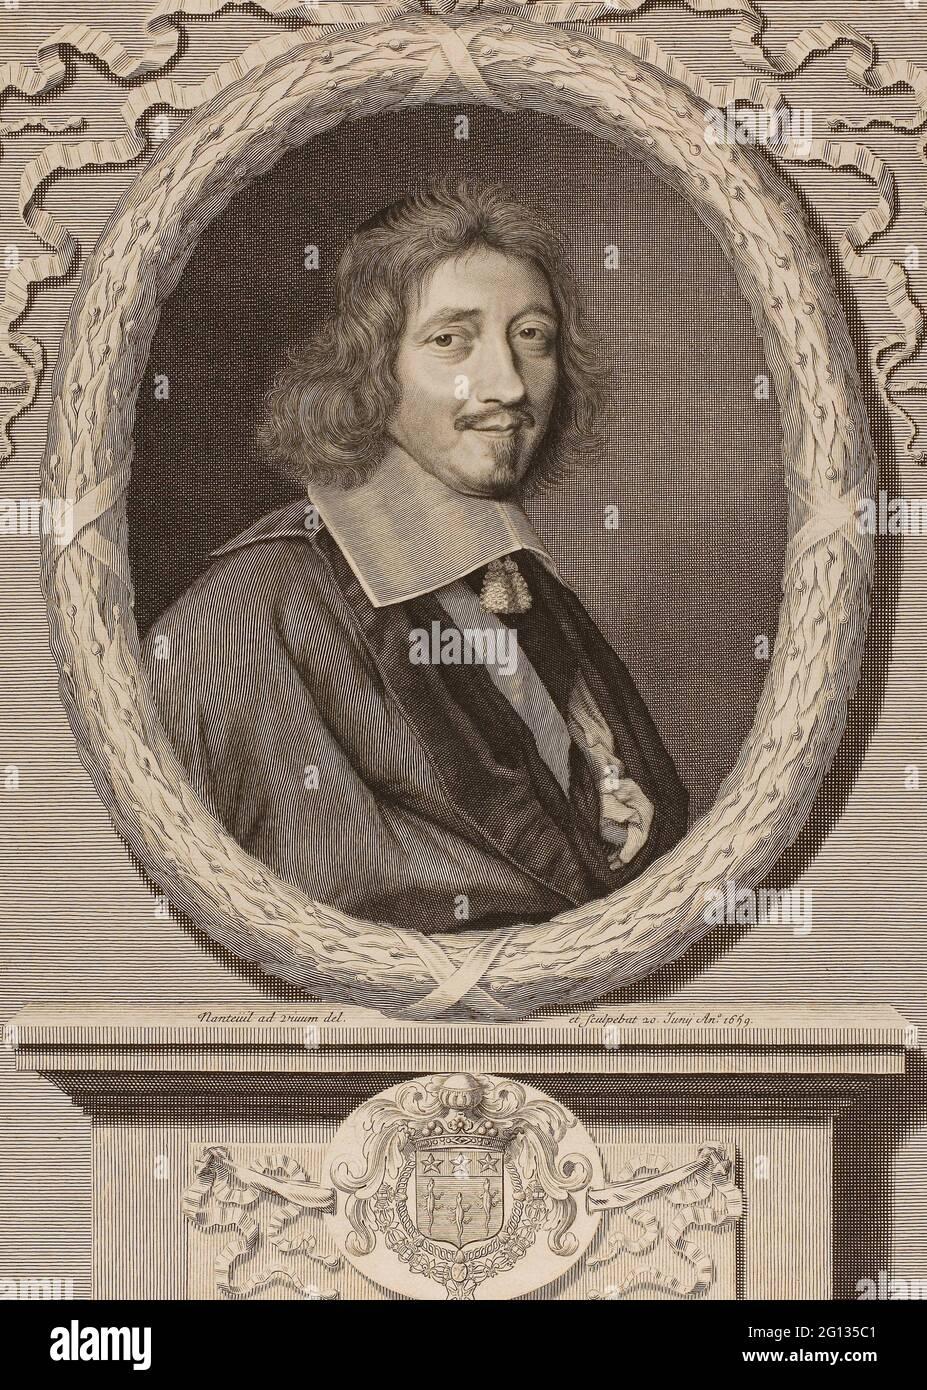 Auteur: Robert Nanteuil. Le Chancellier le Tellier - 1659 - Robert Nanteuil Français, 1623-1678. Gravure sur papier. France. Banque D'Images